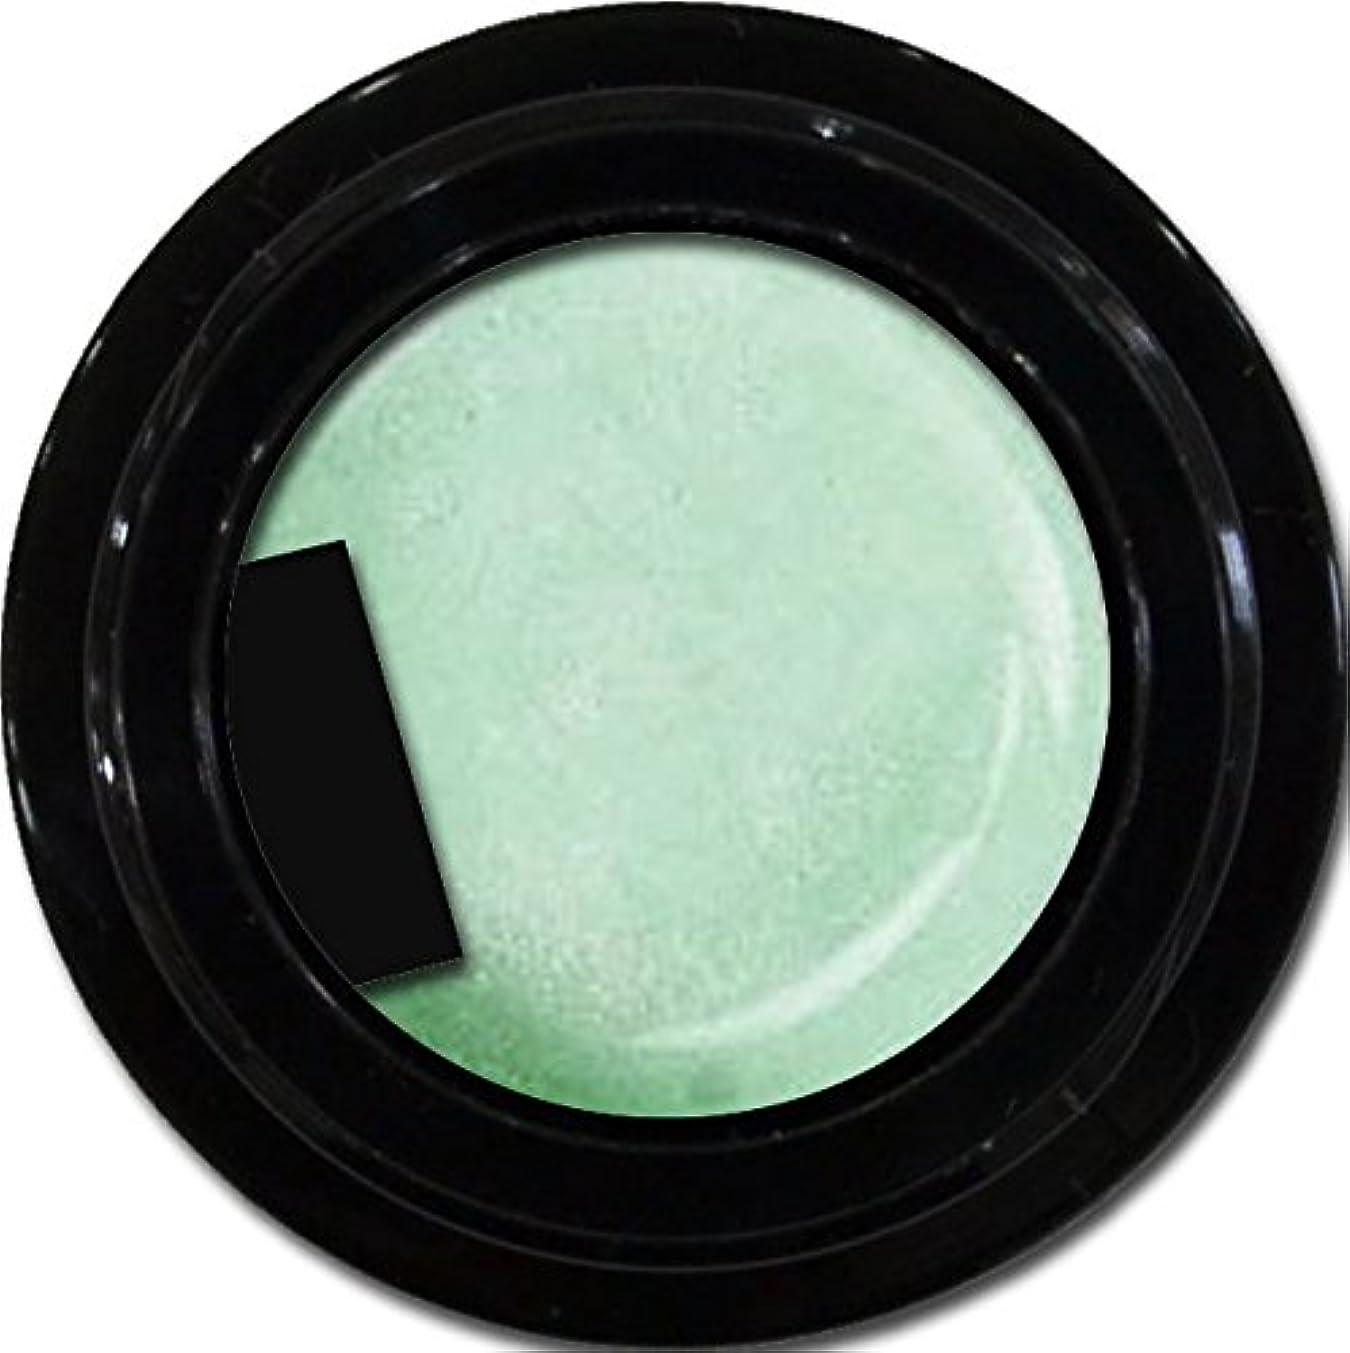 疾患チケット抵抗力があるカラージェル enchant color gel P701 GreenLilac 3g/ パールカラージェル P701グリーンライラック 3グラム